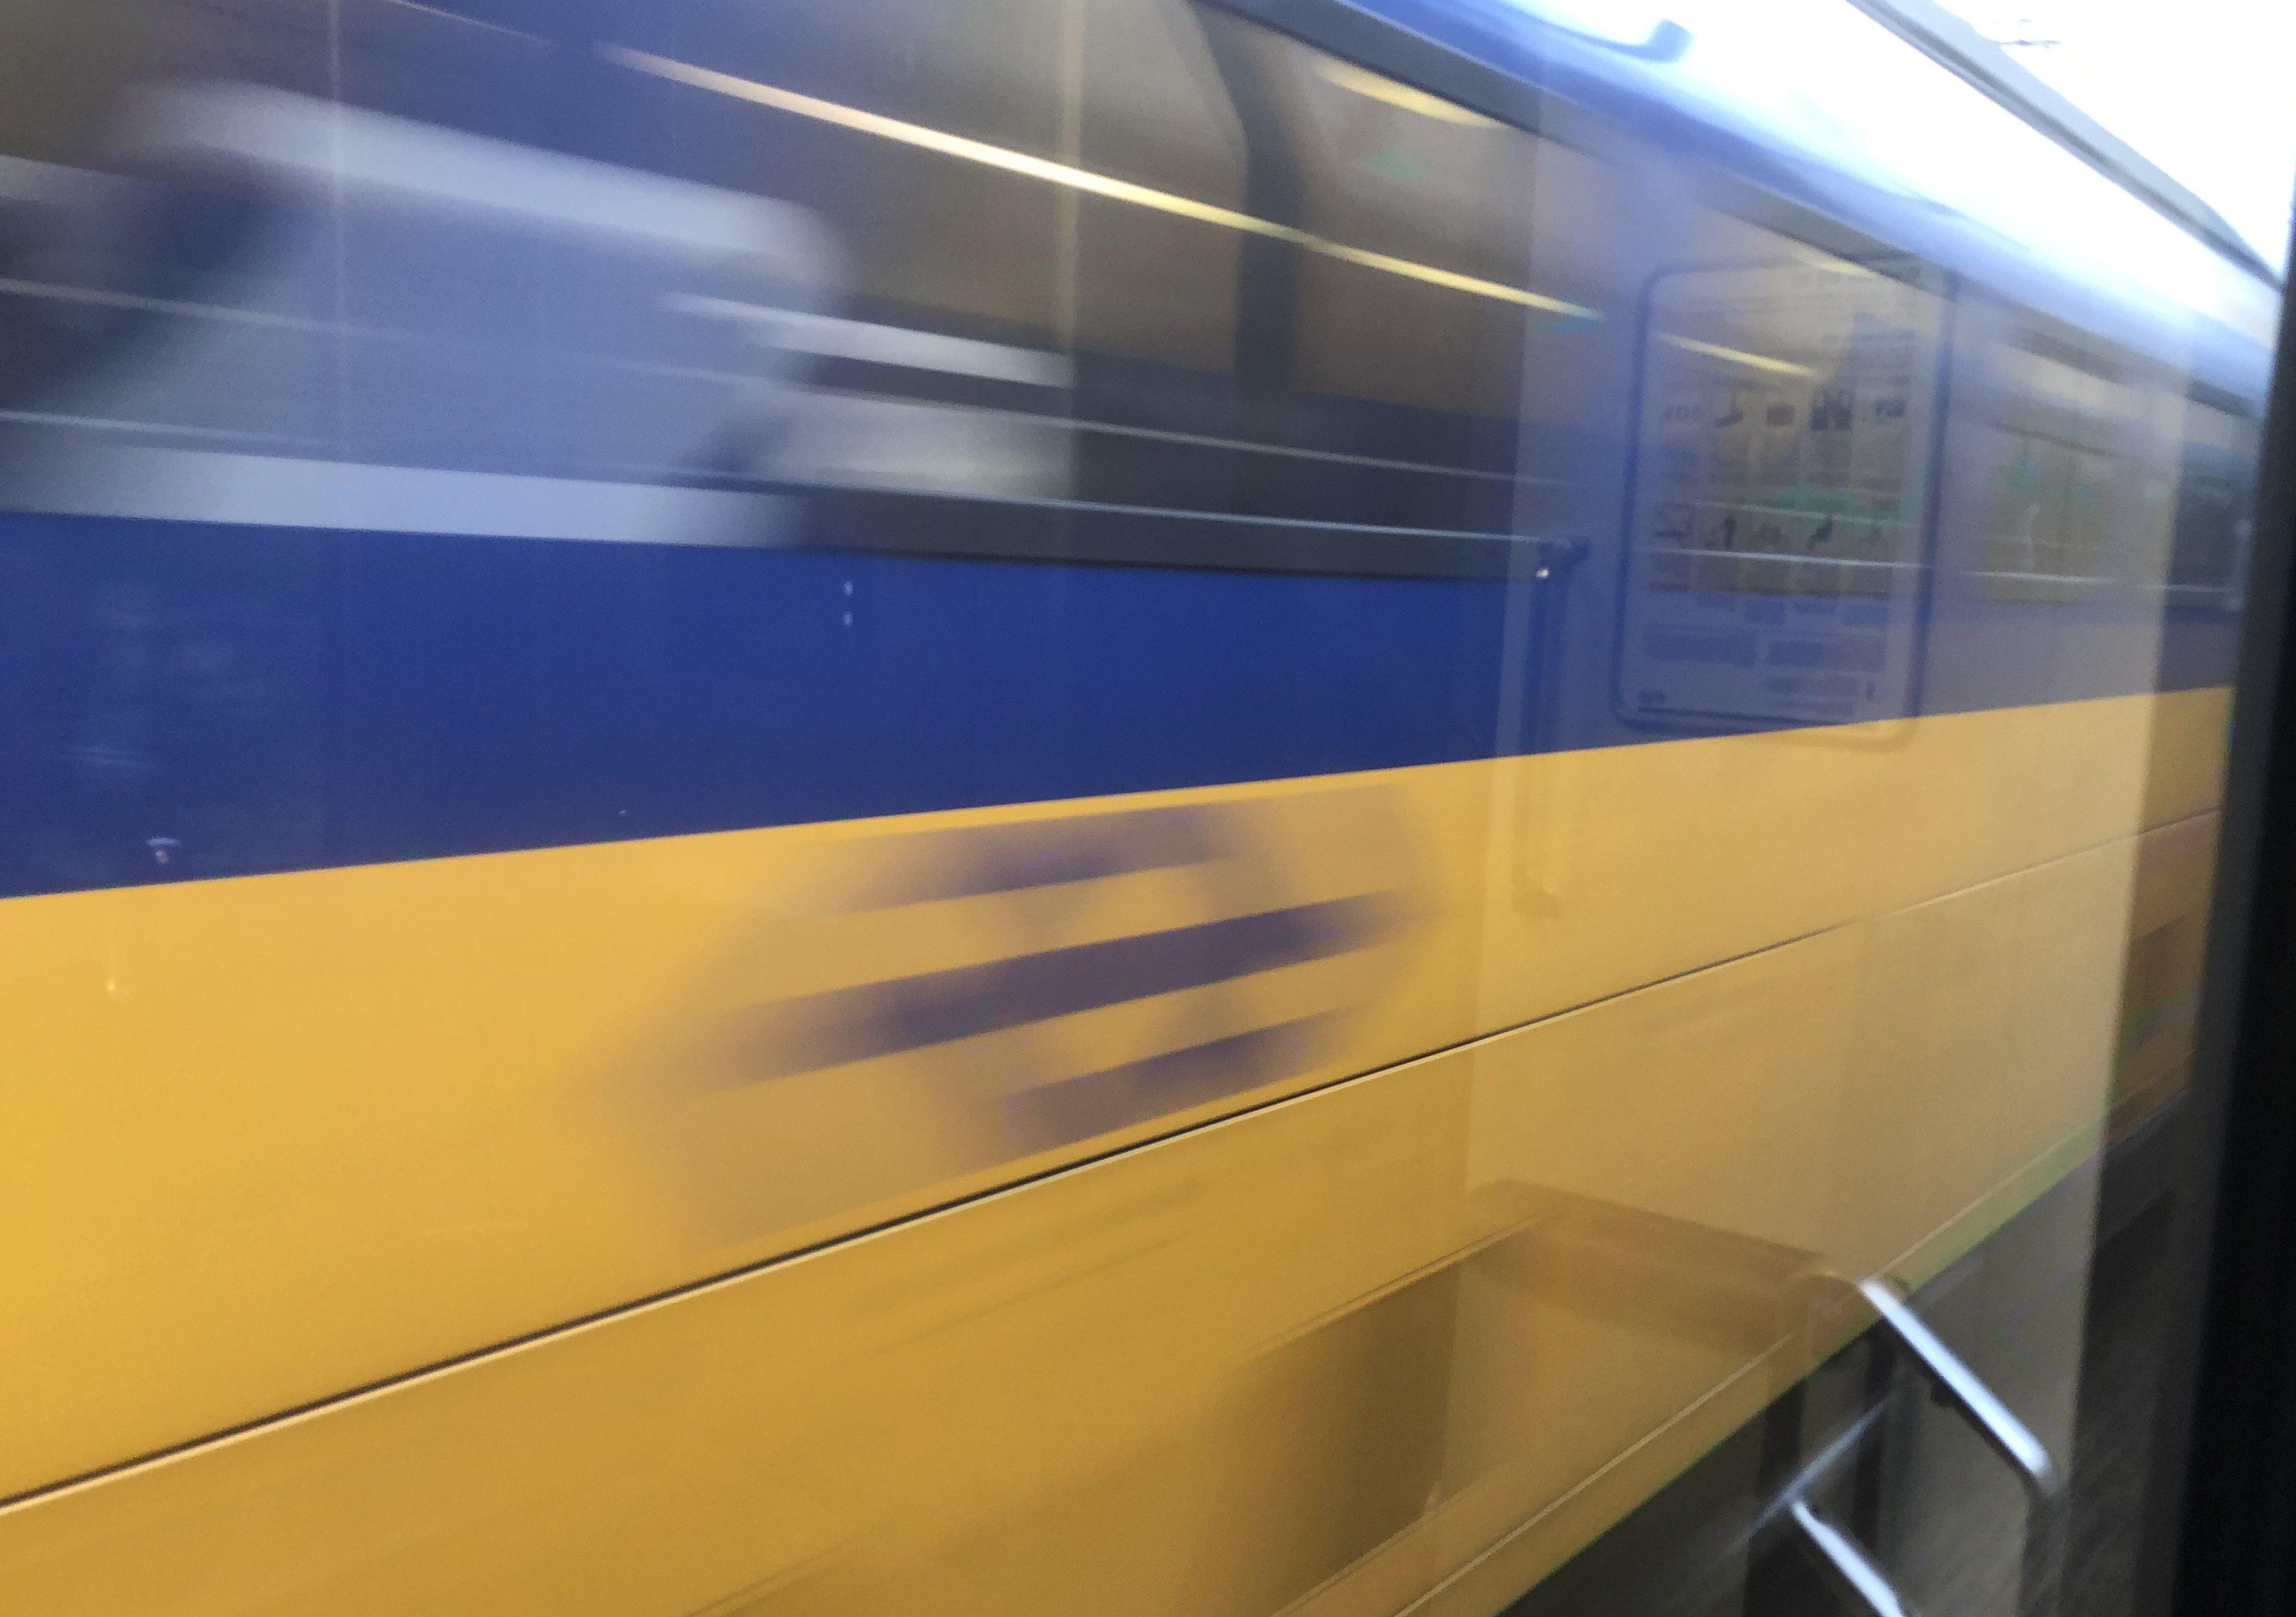 Treinblog: Anekdotes van een conducteur